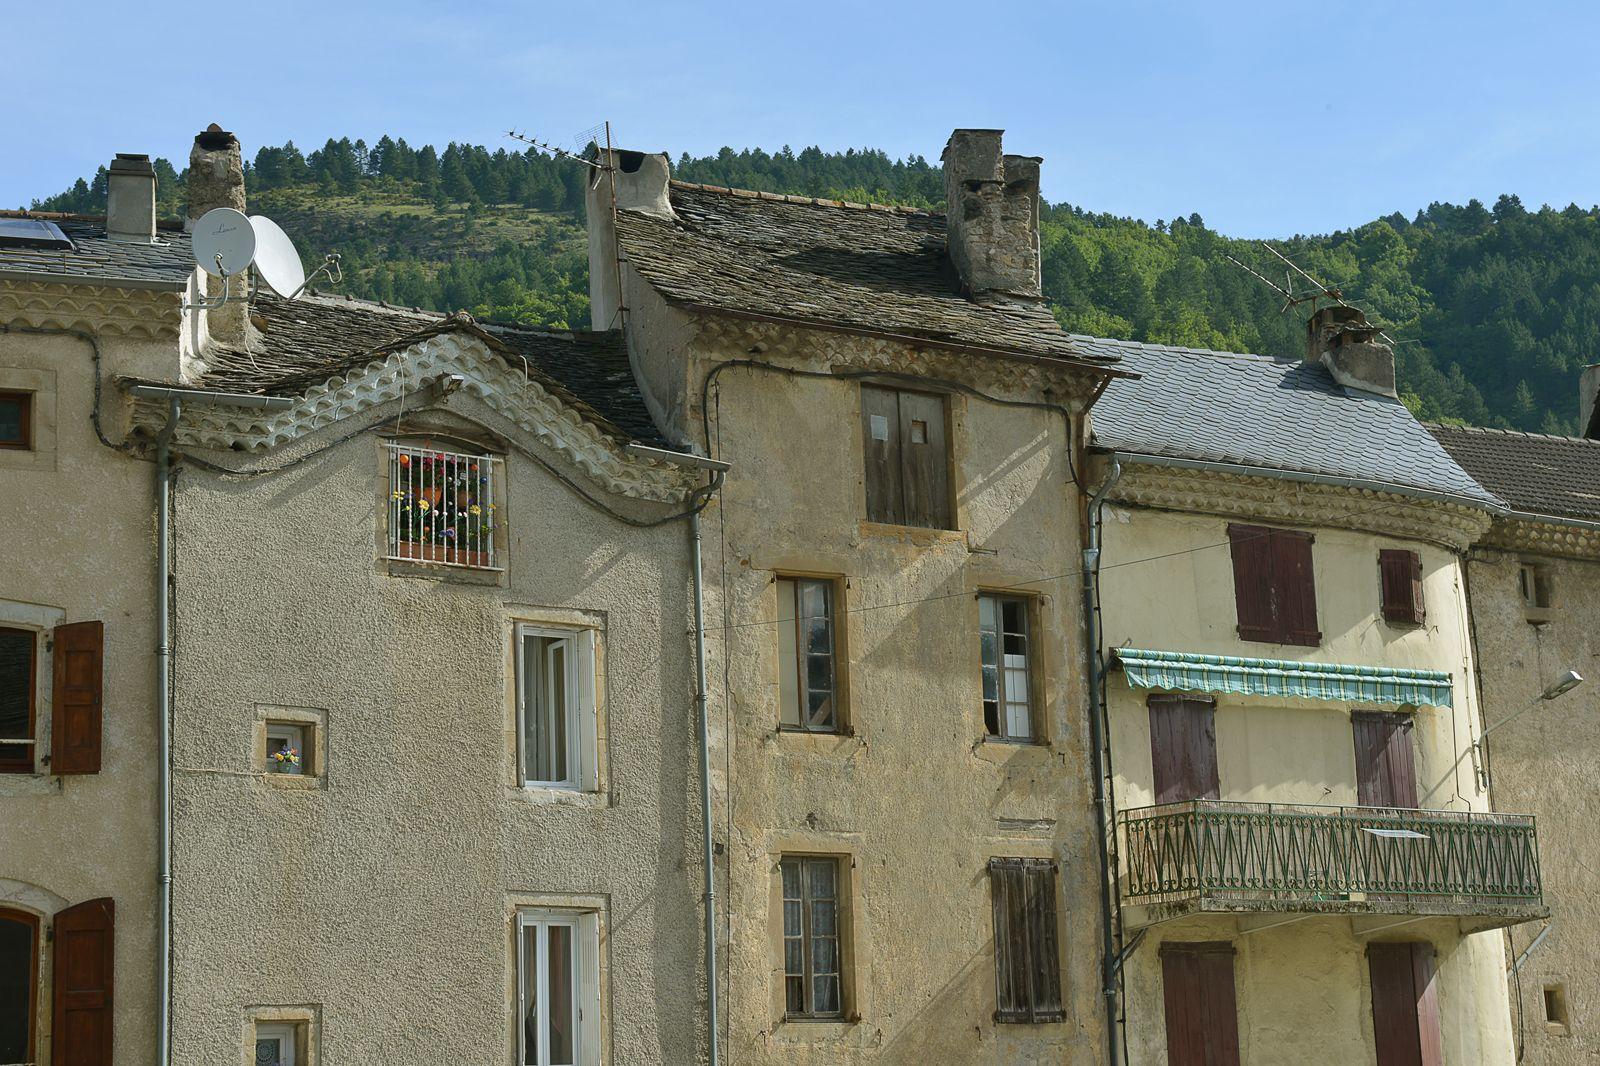 #Florac #villageétape #LangudocRoussillon #Lozere #cevennes #maisonsdusud #balcons